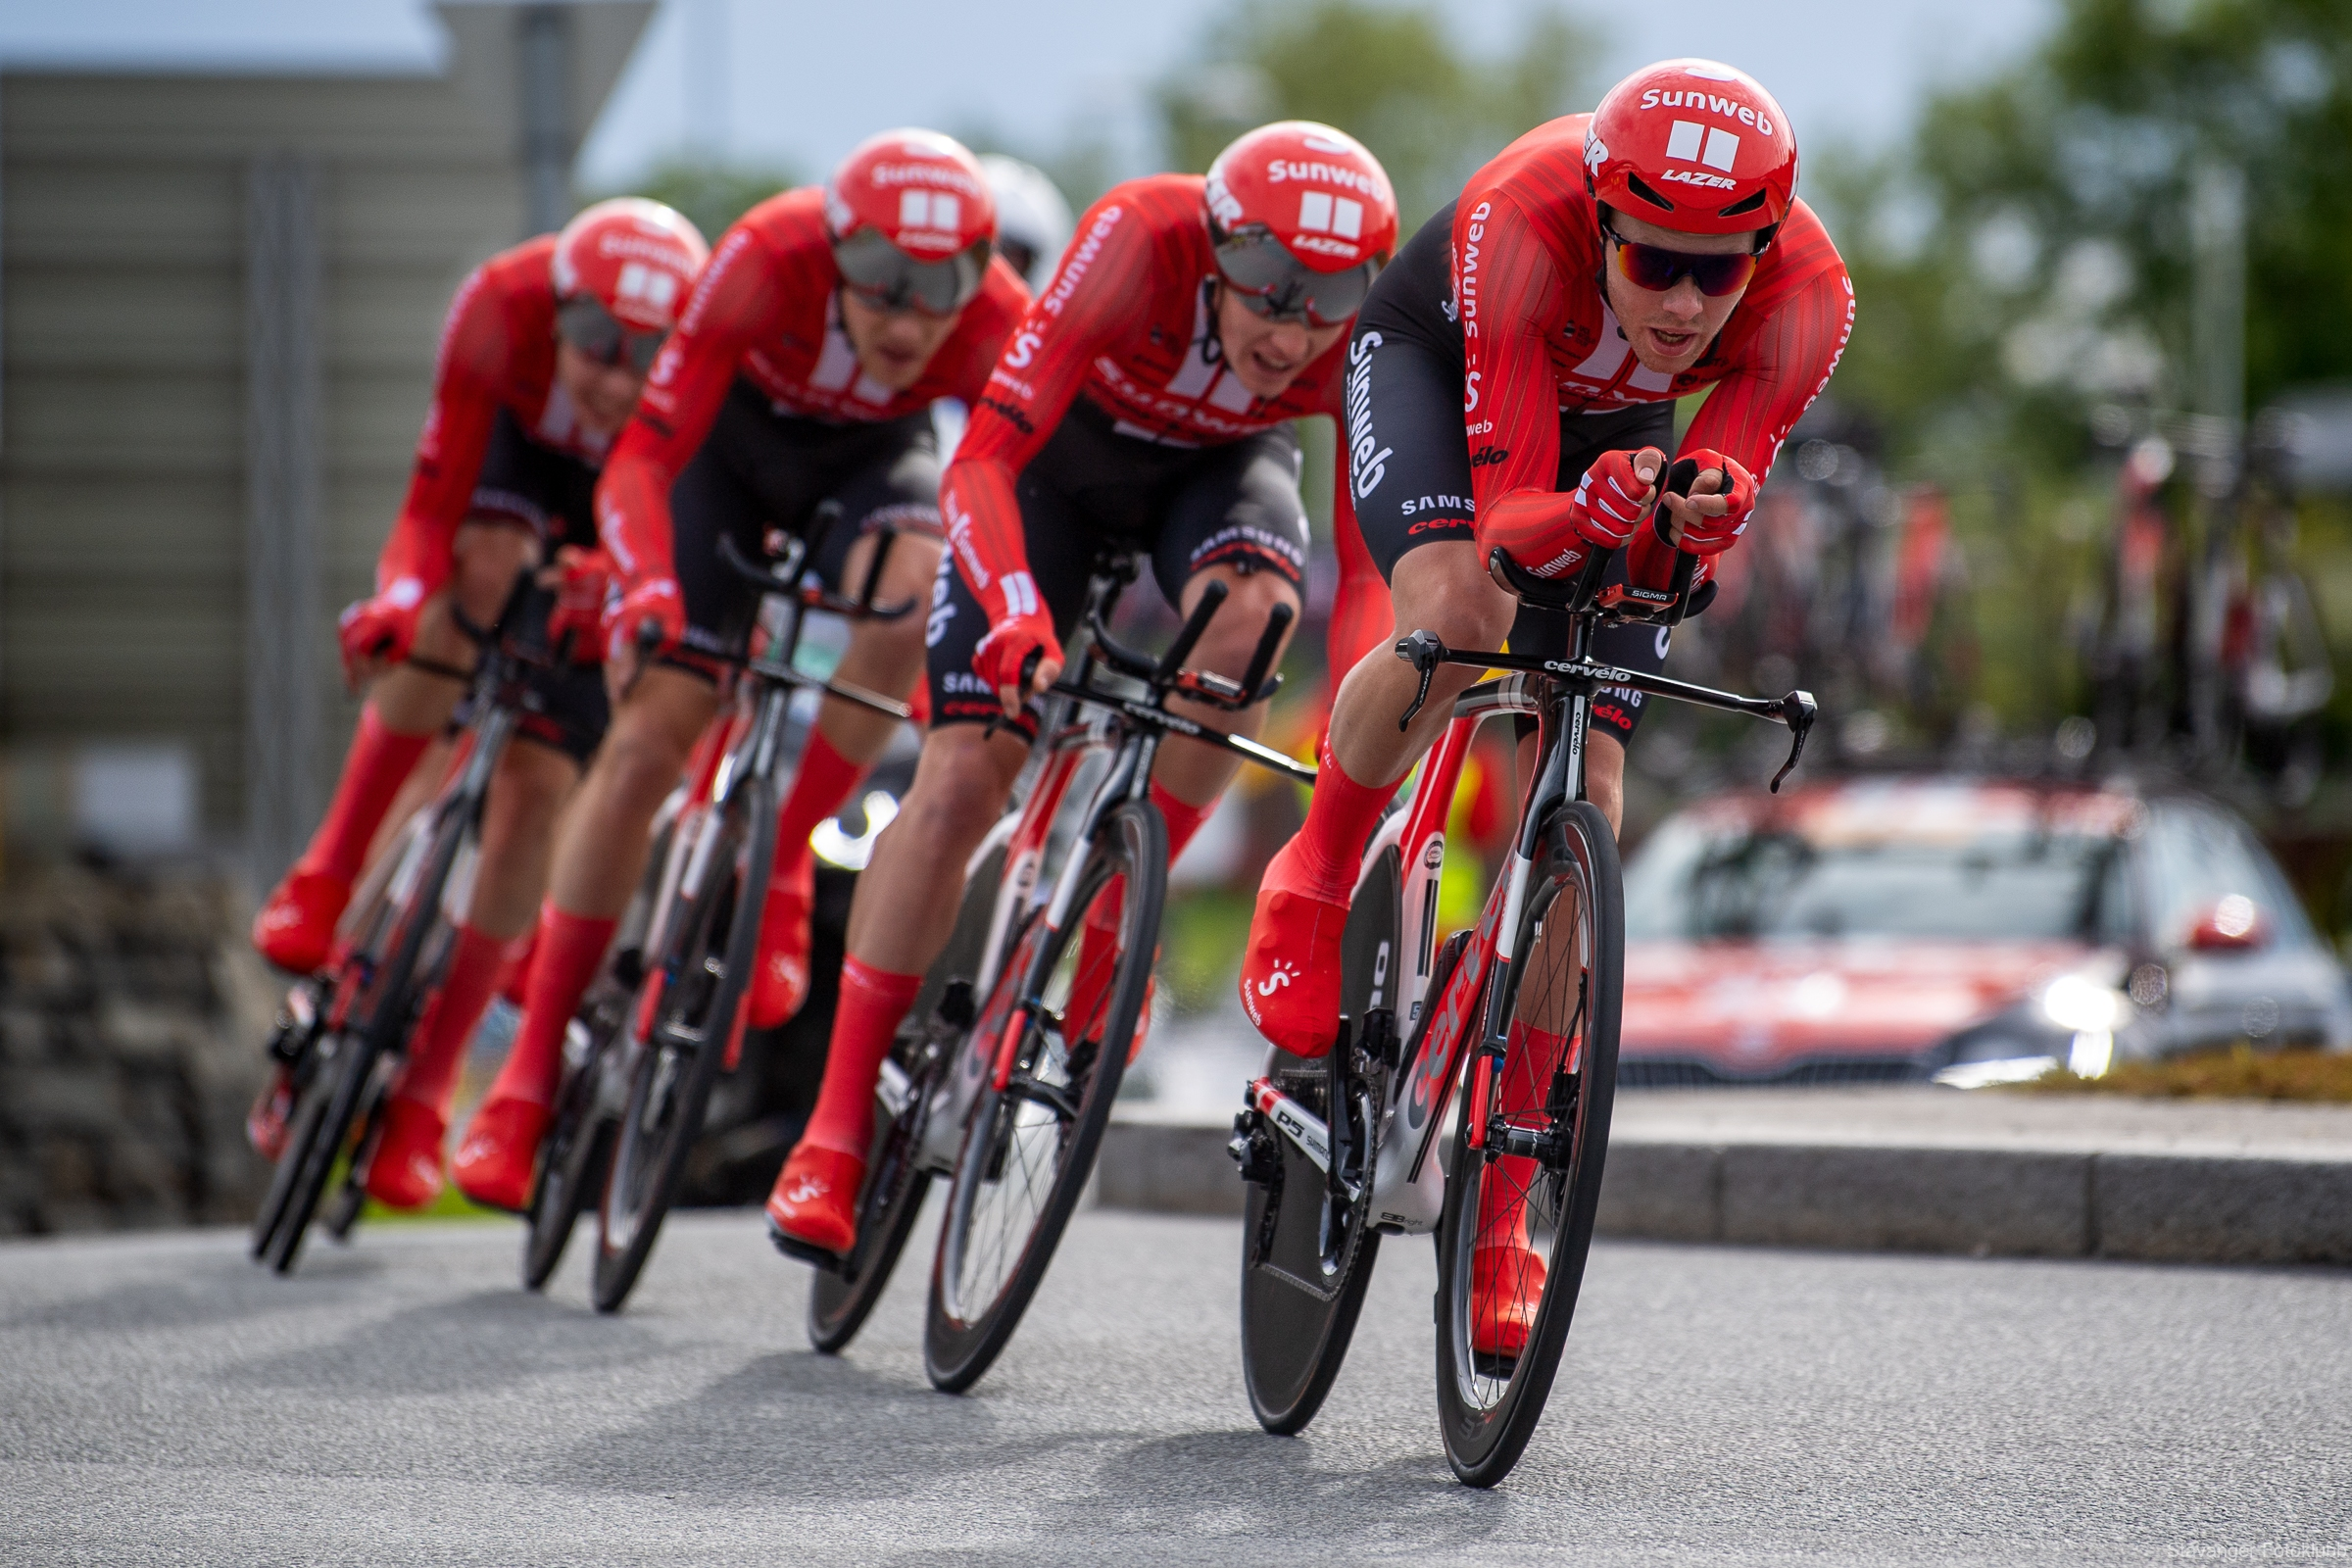 1. Plass Tema (På hjul) Kjetil Birkedal Pedersen